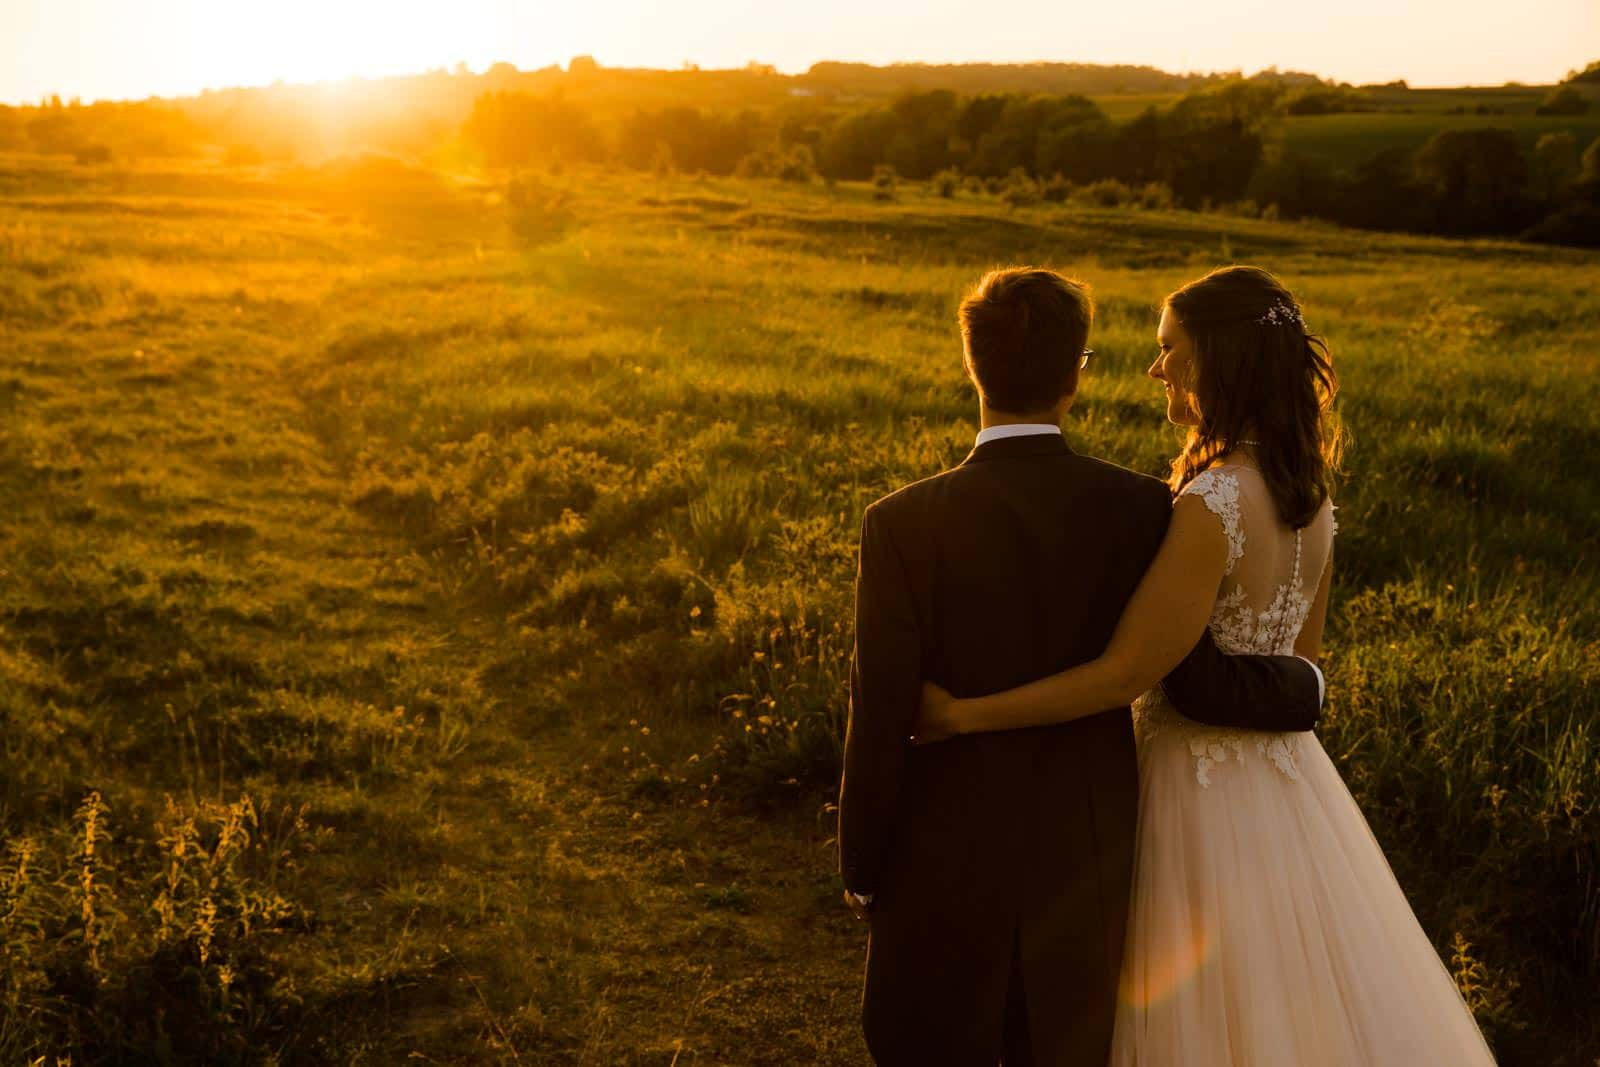 Stunning golden hour photo of the couple Wedding Photographer Buckinghamshire